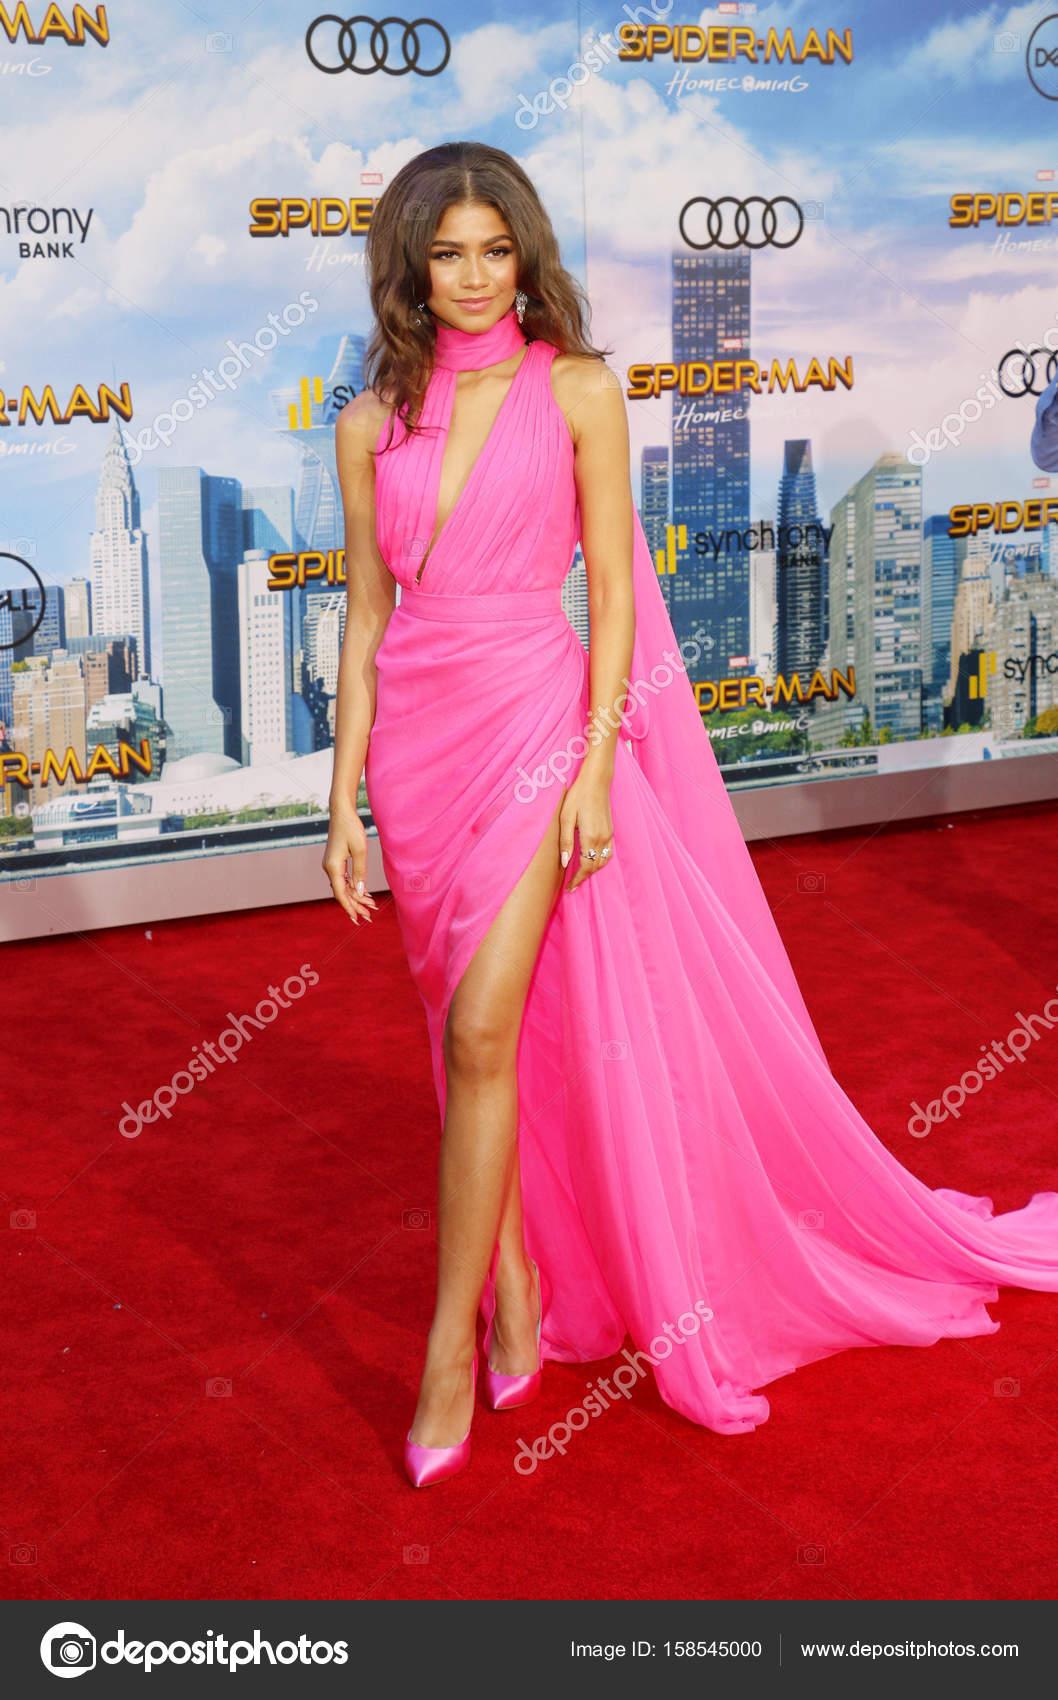 cantante y actriz Zendaya — Foto editorial de stock © PopularImages ...